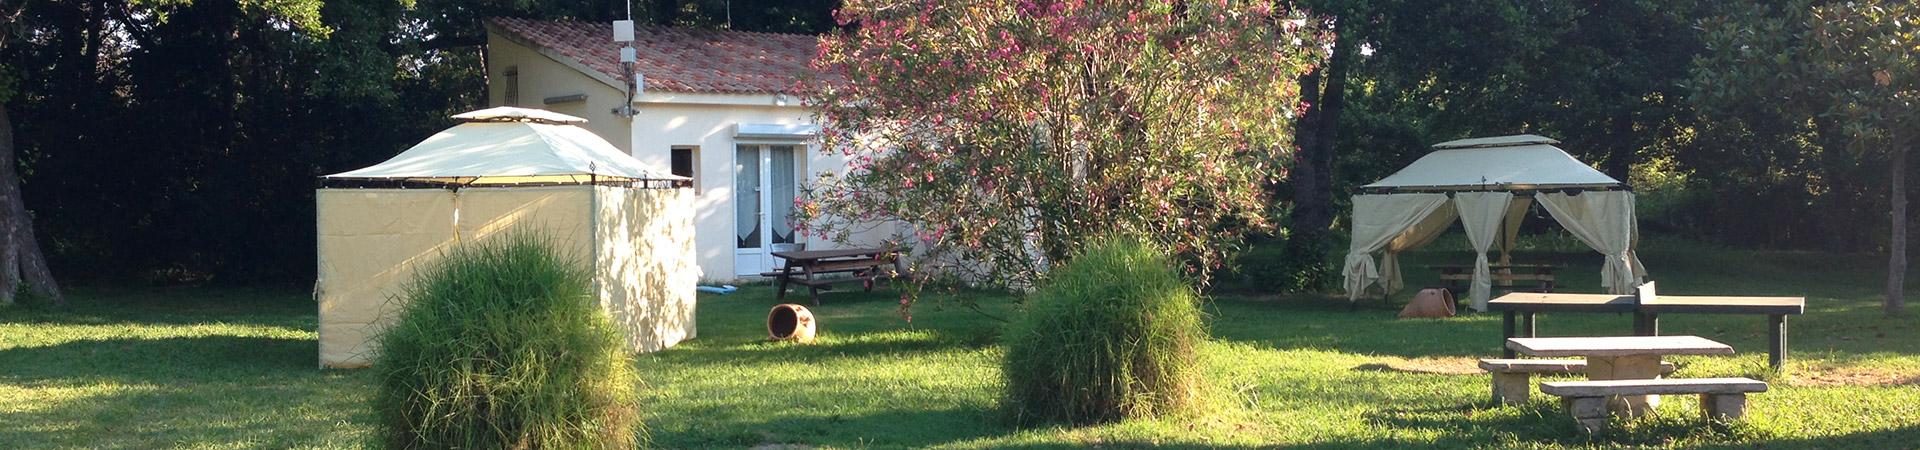 location-villa-cosi-camping-merendella